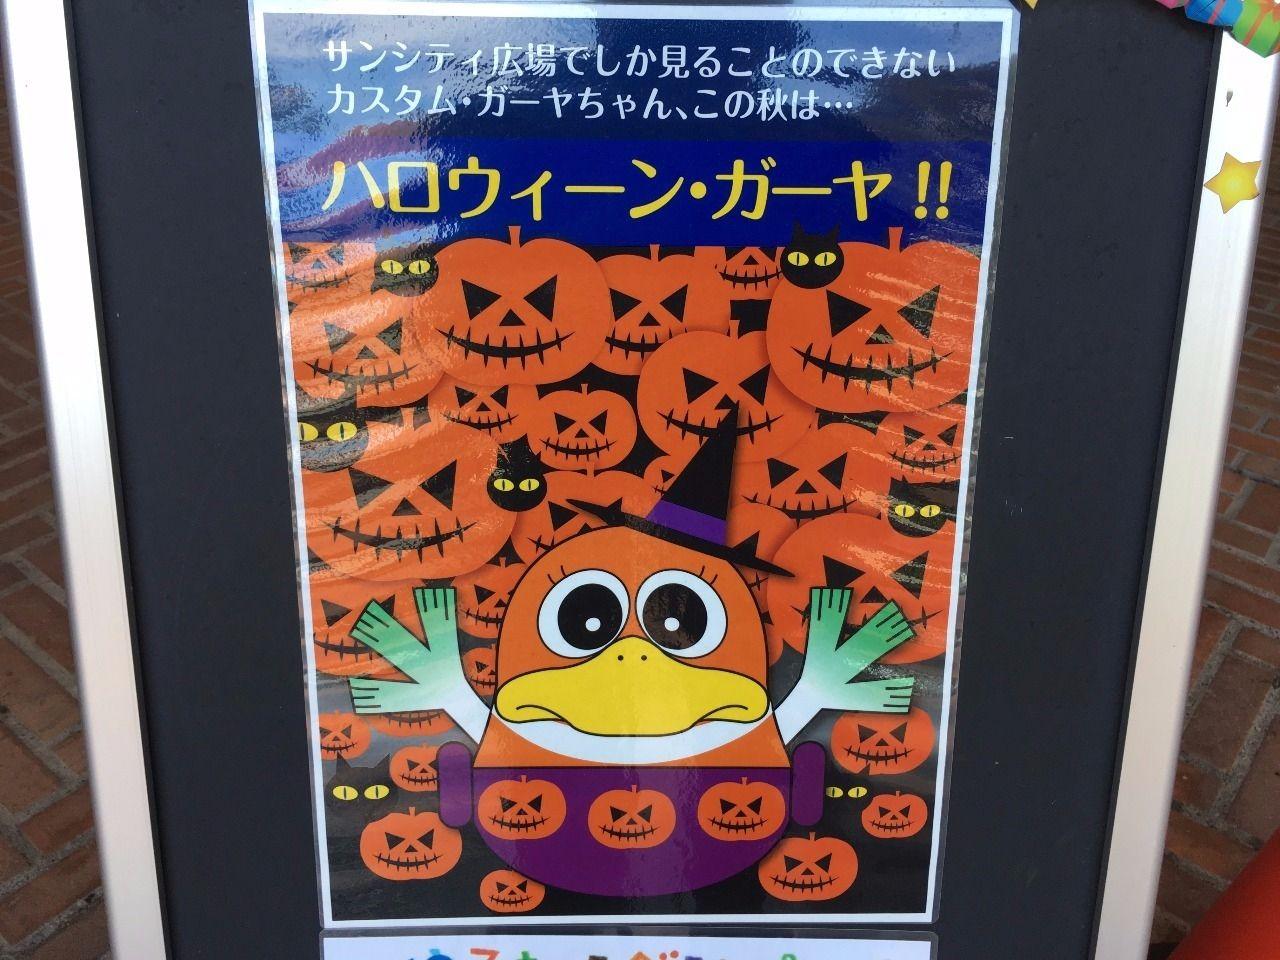 越谷サンシティにあるカスタムガーヤちゃんの秋はハロウィーン・ガーヤです!!